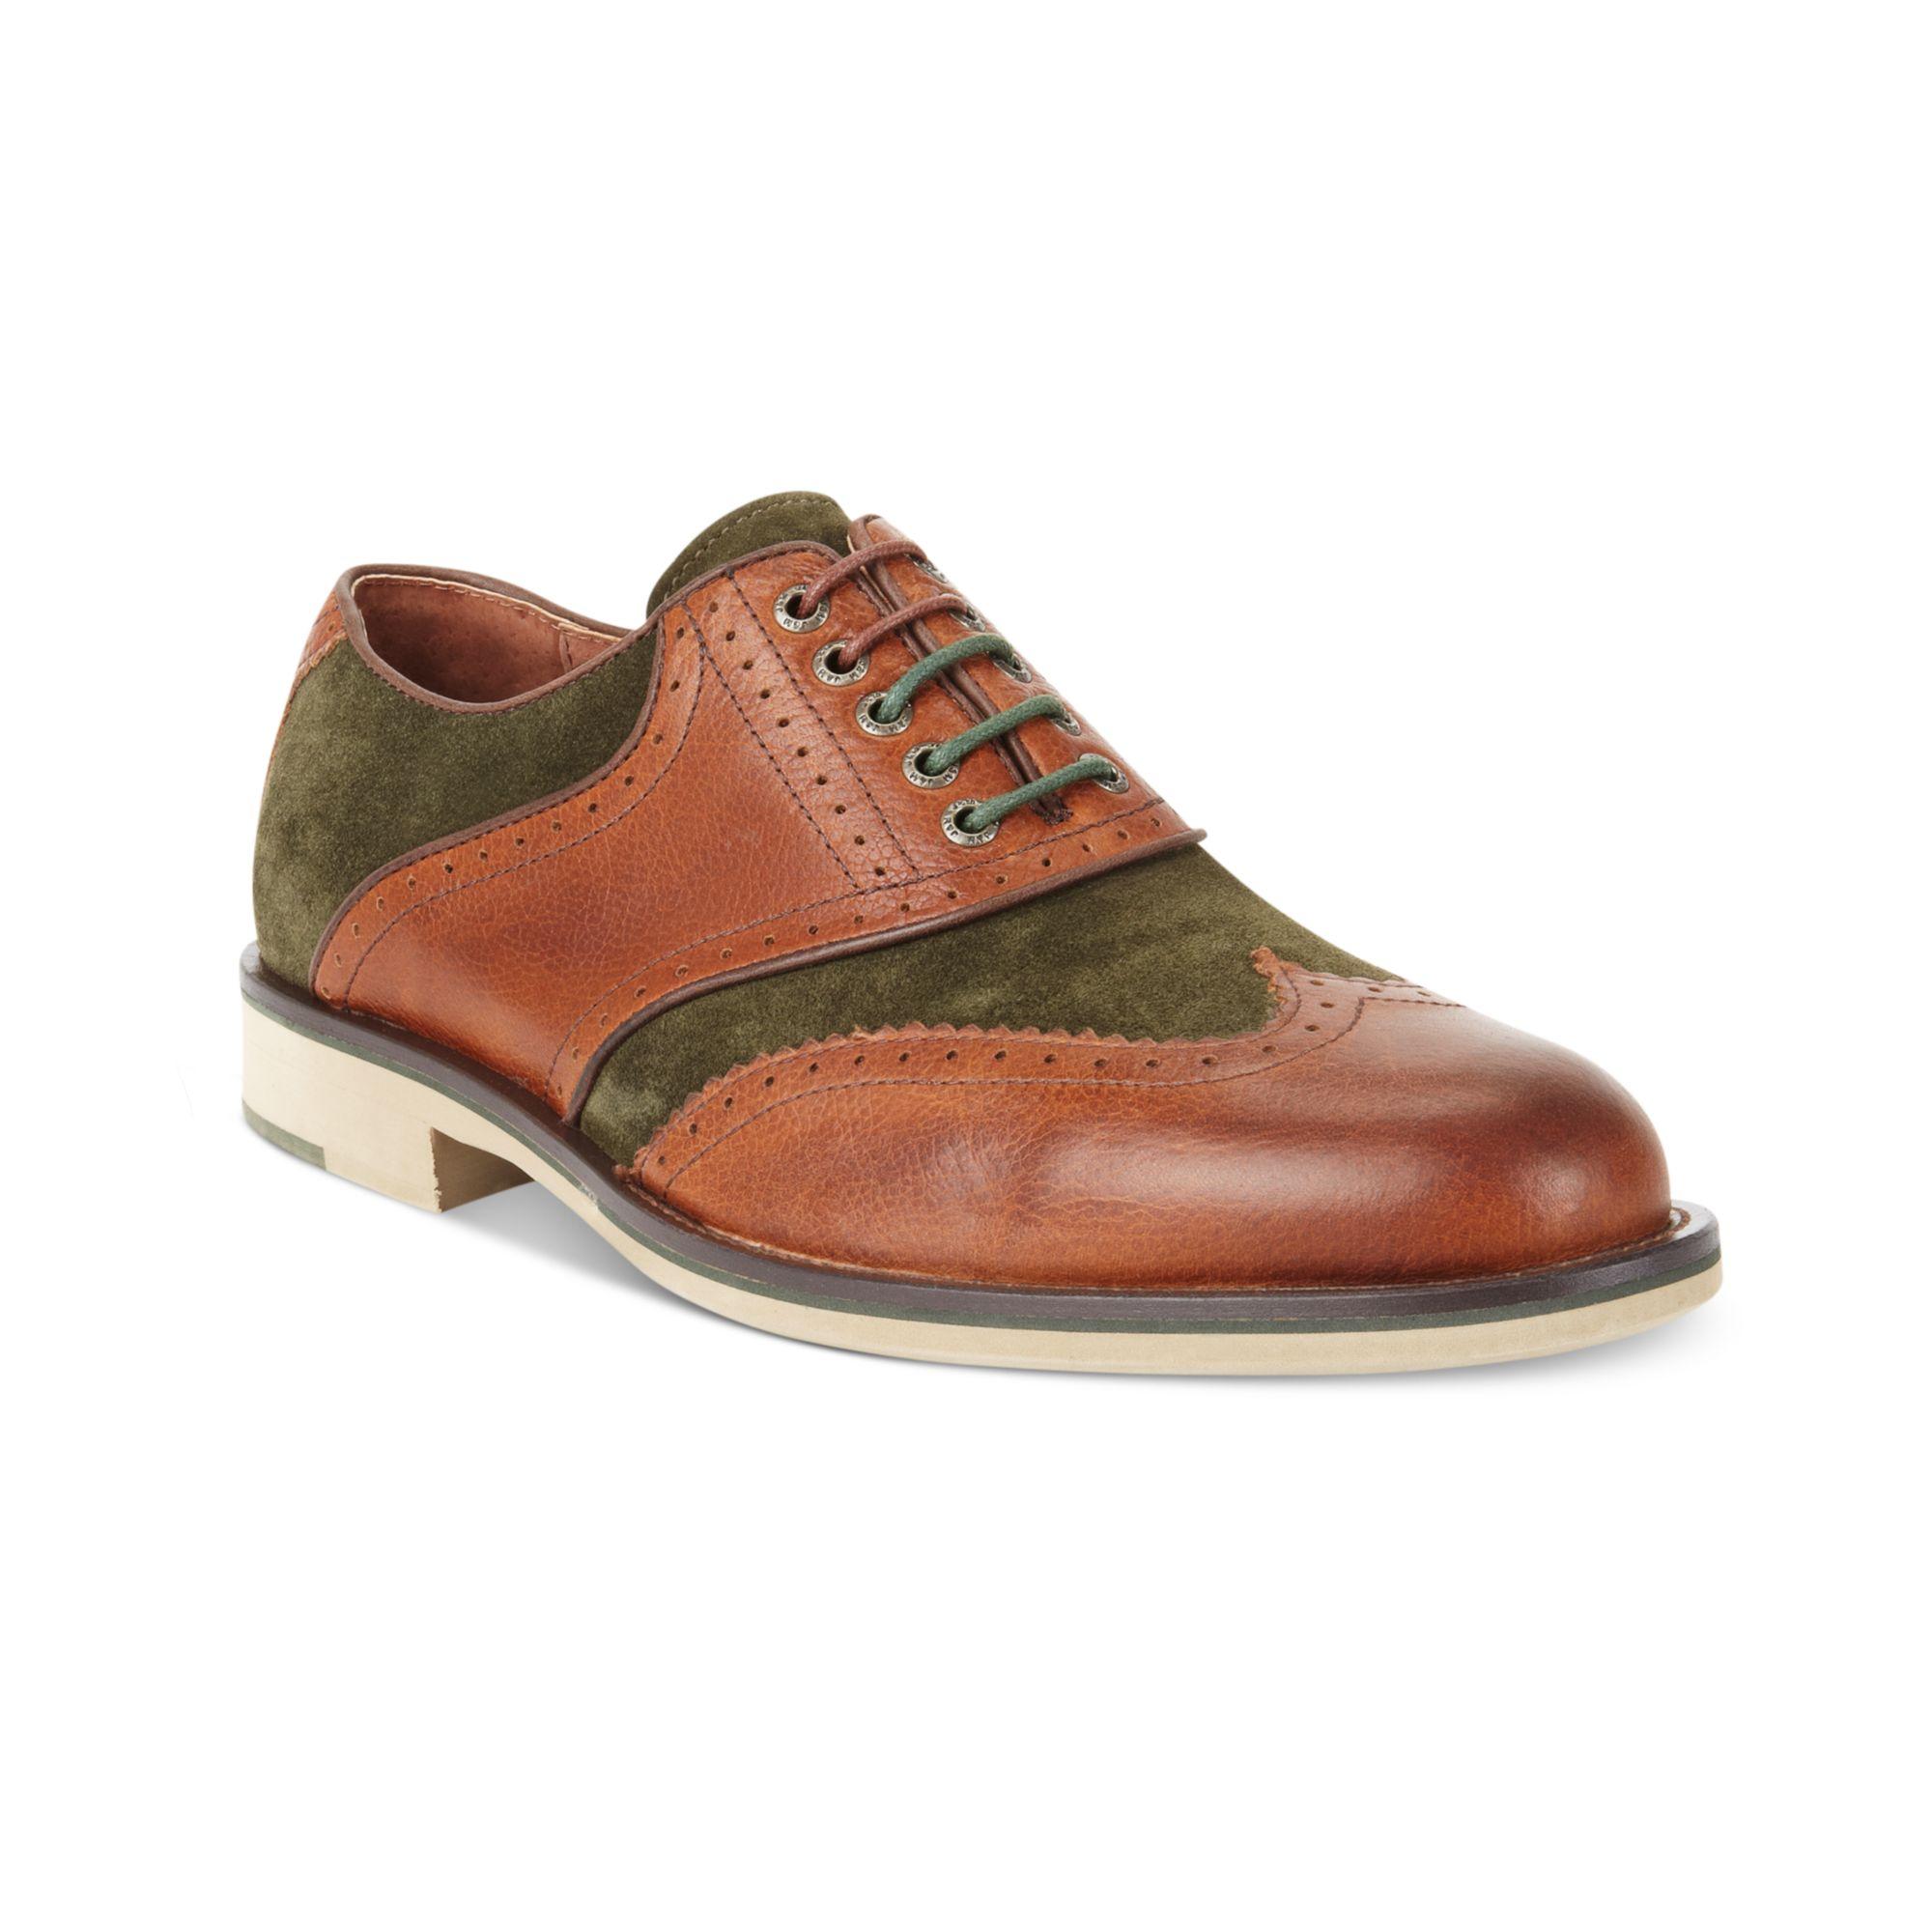 Dress Shoes Wingtip Florsheim